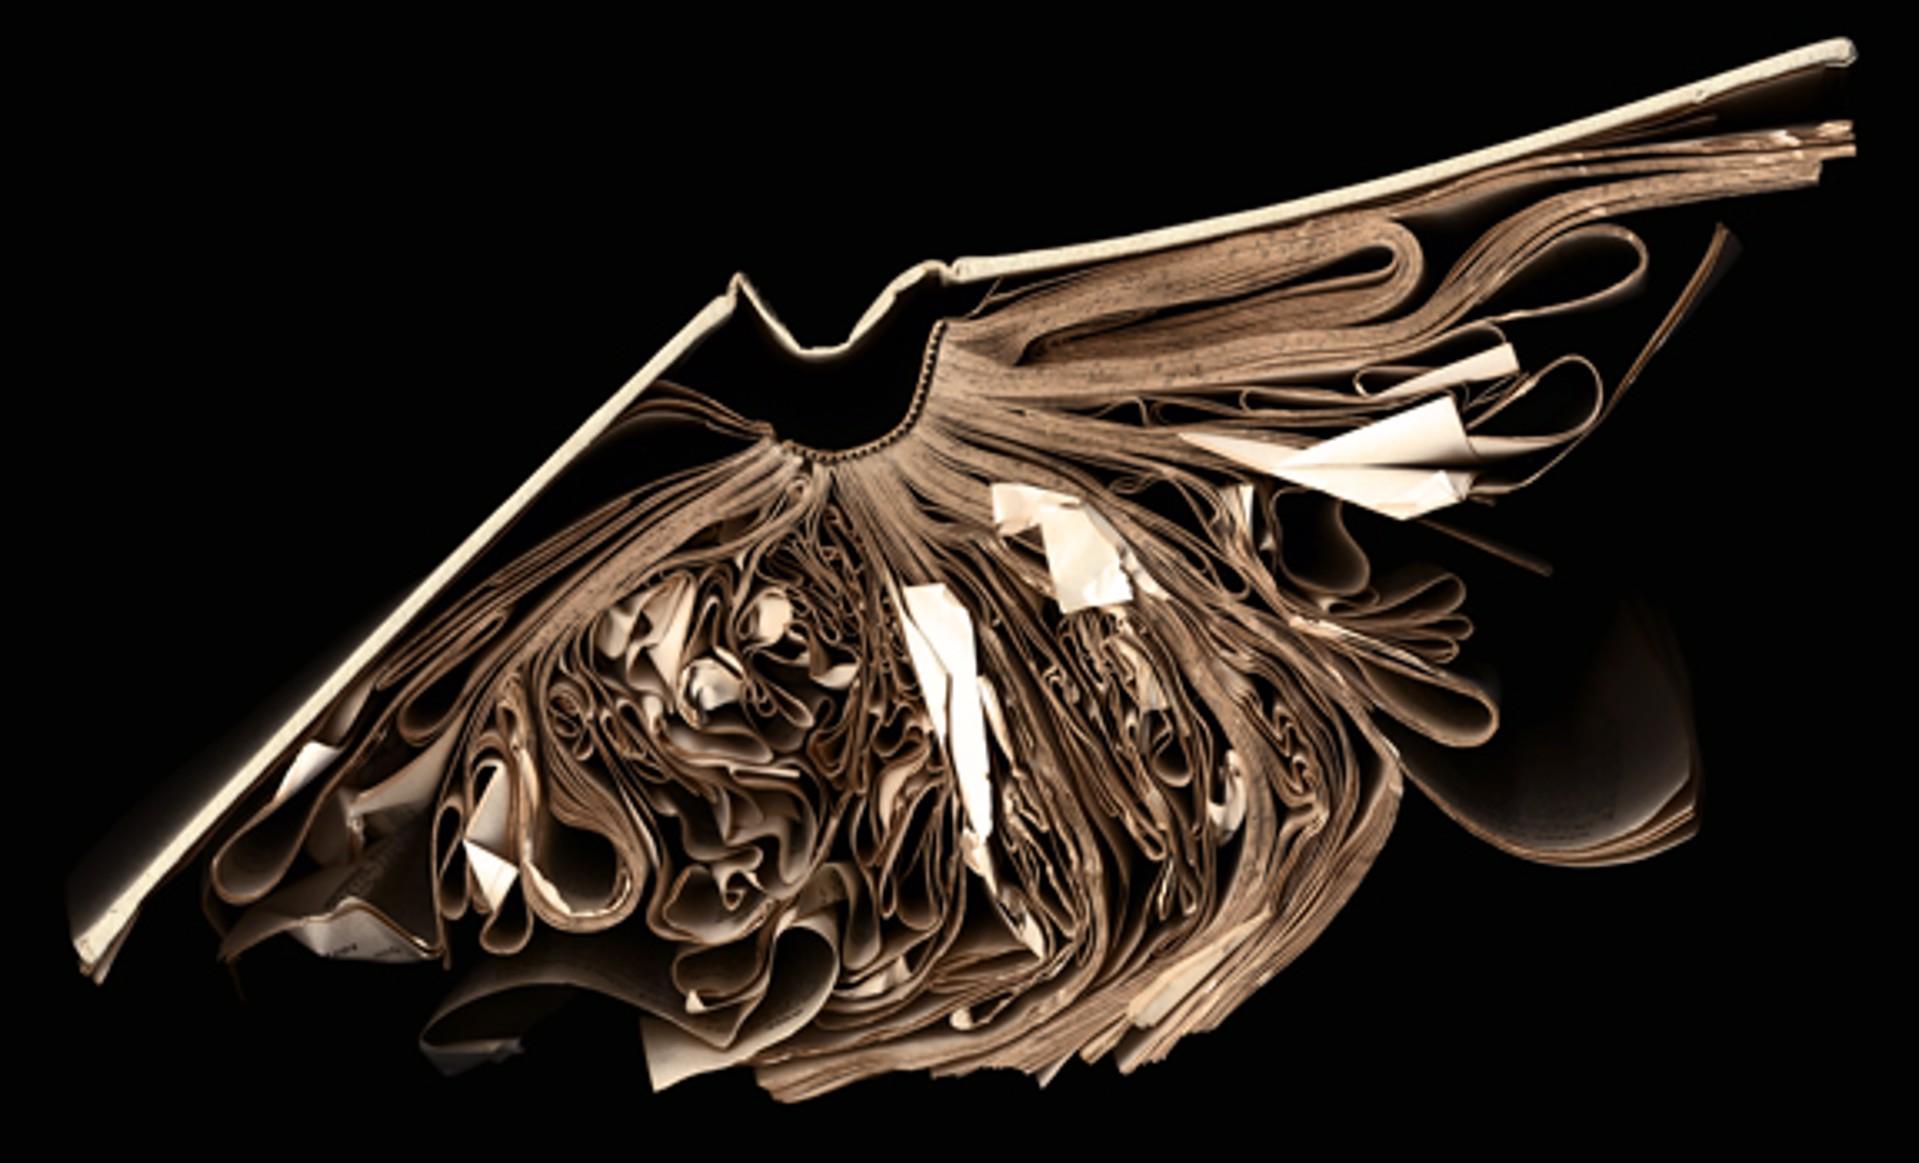 Tilted A-L by Cara Barer